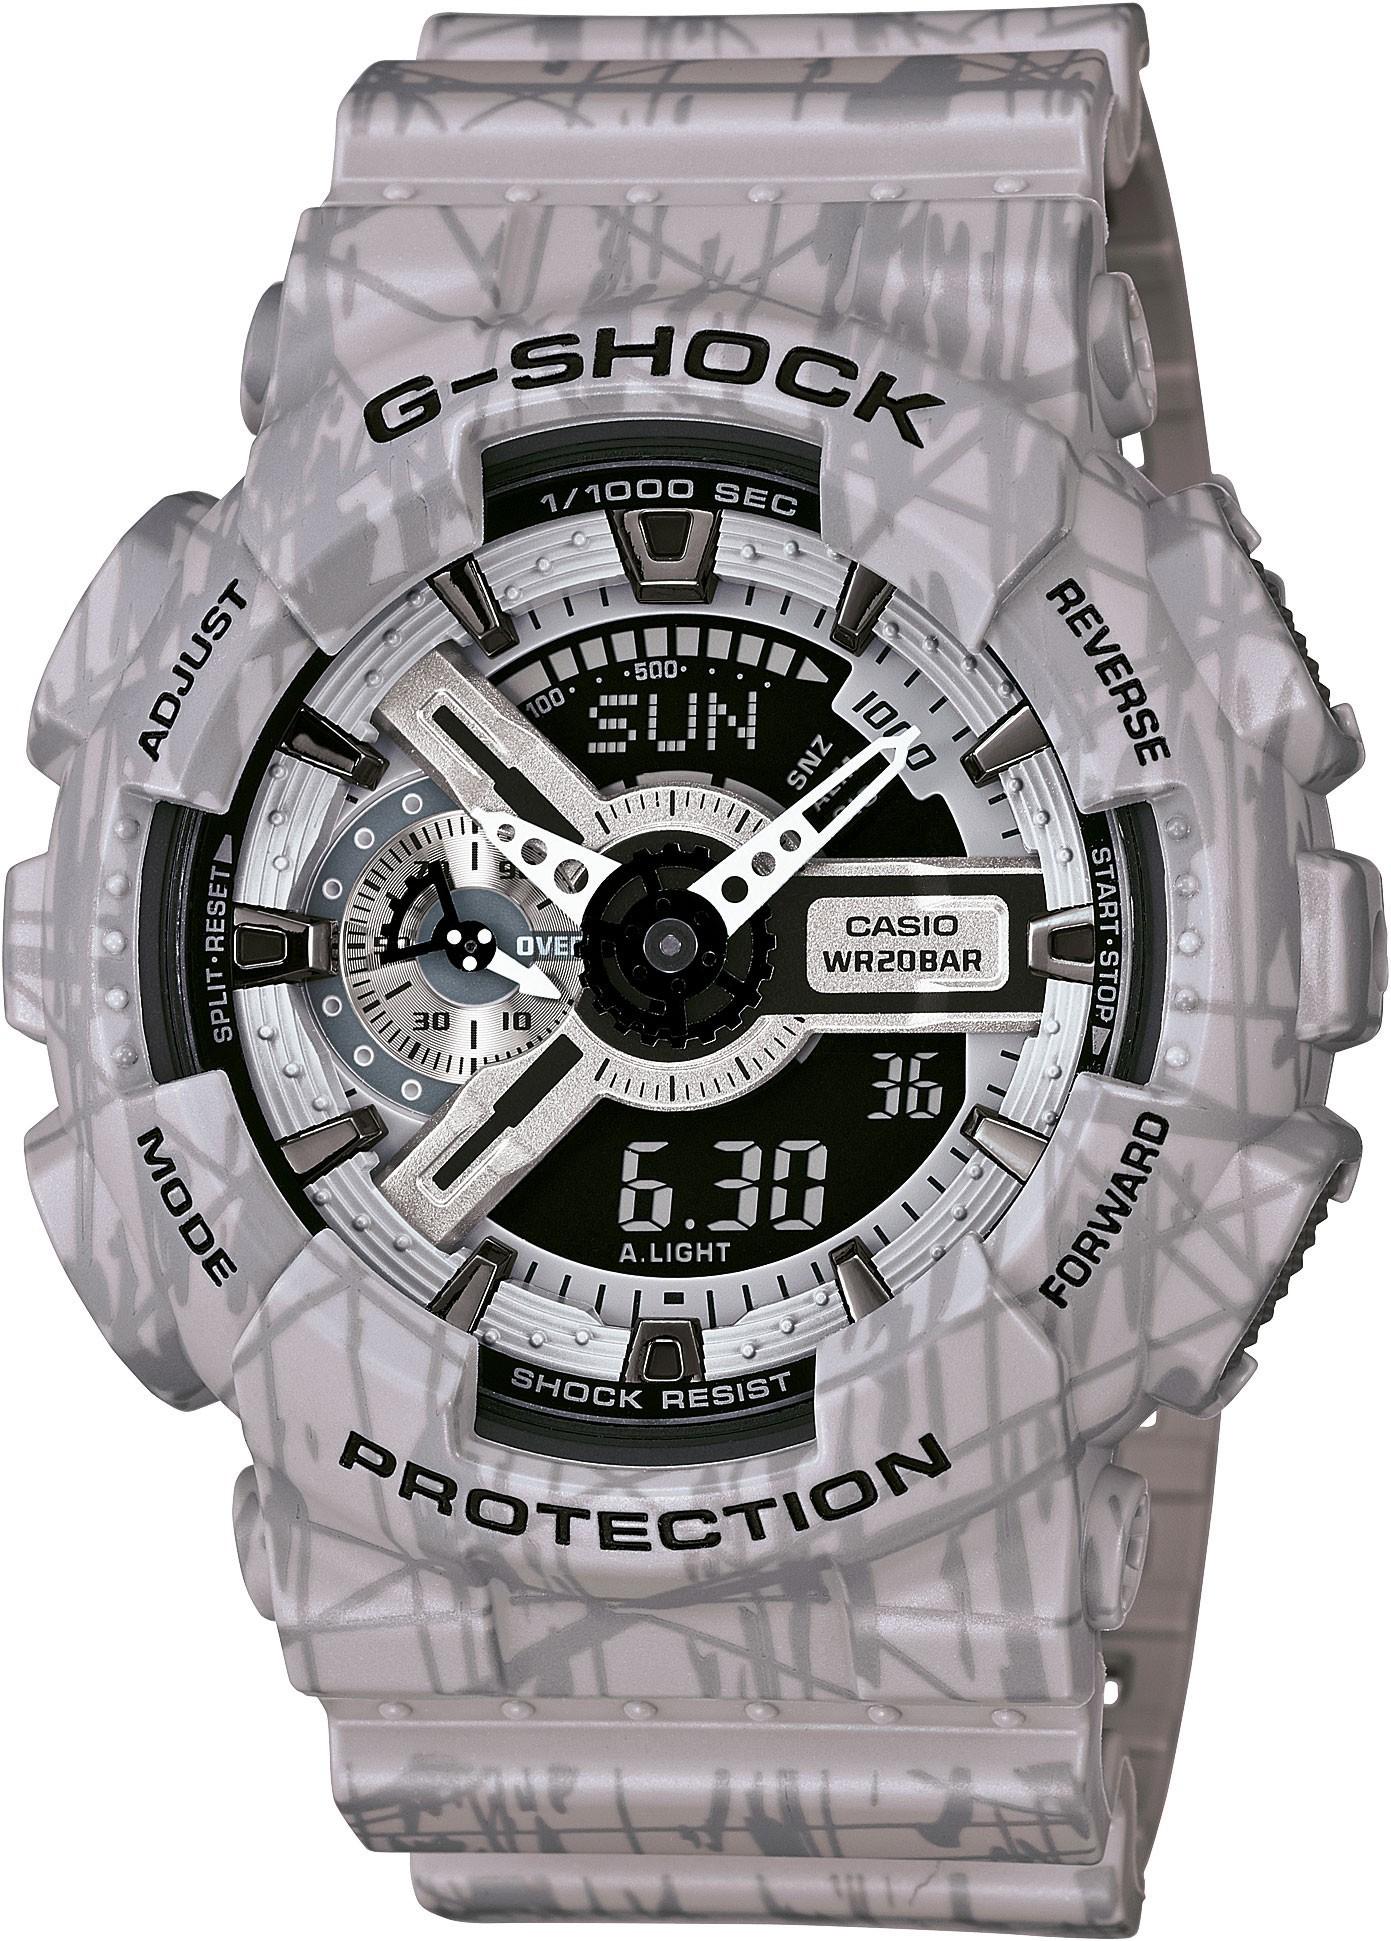 Casio G-SHOCK GA-110SL-8A / GA-110SL-8AER - мужские наручные часыCasio<br><br><br>Бренд: Casio<br>Модель: Casio GA-110SL-8A<br>Артикул: GA-110SL-8A<br>Вариант артикула: GA-110SL-8AER<br>Коллекция: G-SHOCK<br>Подколлекция: None<br>Страна: Япония<br>Пол: мужские<br>Тип механизма: кварцевые<br>Механизм: None<br>Количество камней: None<br>Автоподзавод: None<br>Источник энергии: от батарейки<br>Срок службы элемента питания: None<br>Дисплей: стрелки + цифры<br>Цифры: отсутствуют<br>Водозащита: WR 200<br>Противоударные: есть<br>Материал корпуса: пластик<br>Материал браслета: пластик<br>Материал безеля: None<br>Стекло: минеральное<br>Антибликовое покрытие: None<br>Цвет корпуса: None<br>Цвет браслета: None<br>Цвет циферблата: None<br>Цвет безеля: None<br>Размеры: None<br>Диаметр: None<br>Диаметр корпуса: None<br>Толщина: None<br>Ширина ремешка: None<br>Вес: 72 г<br>Спорт-функции: секундомер, таймер обратного отсчета<br>Подсветка: дисплея, стрелок<br>Вставка: None<br>Отображение даты: вечный календарь, число, месяц, день недели<br>Хронограф: None<br>Таймер: None<br>Термометр: None<br>Хронометр: None<br>GPS: None<br>Радиосинхронизация: None<br>Барометр: None<br>Скелетон: None<br>Дополнительная информация: ежечасный сигнал, повтор сигнала будильника, защита от магнитных полей, элемент питания CR1220, срок службы батарейки 2 года<br>Дополнительные функции: второй часовой пояс, будильник (количество установок: 5)